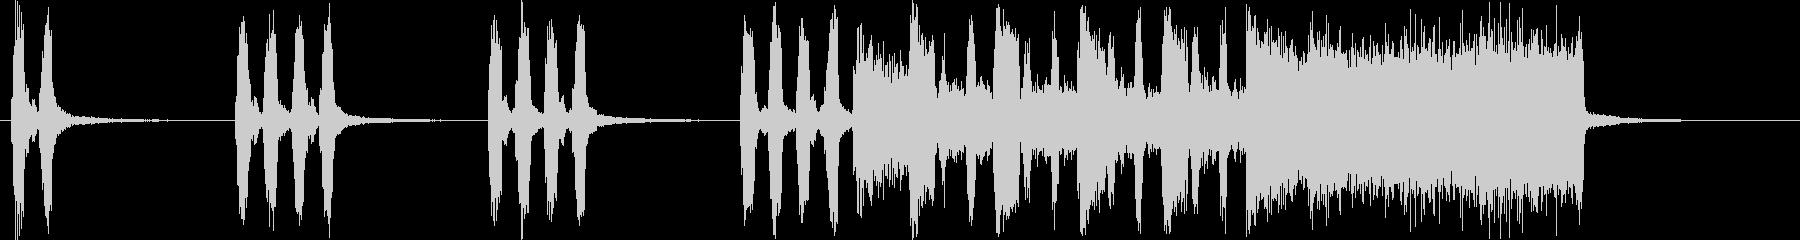 コミカルなシンセ・木琴など短めサウンドの未再生の波形